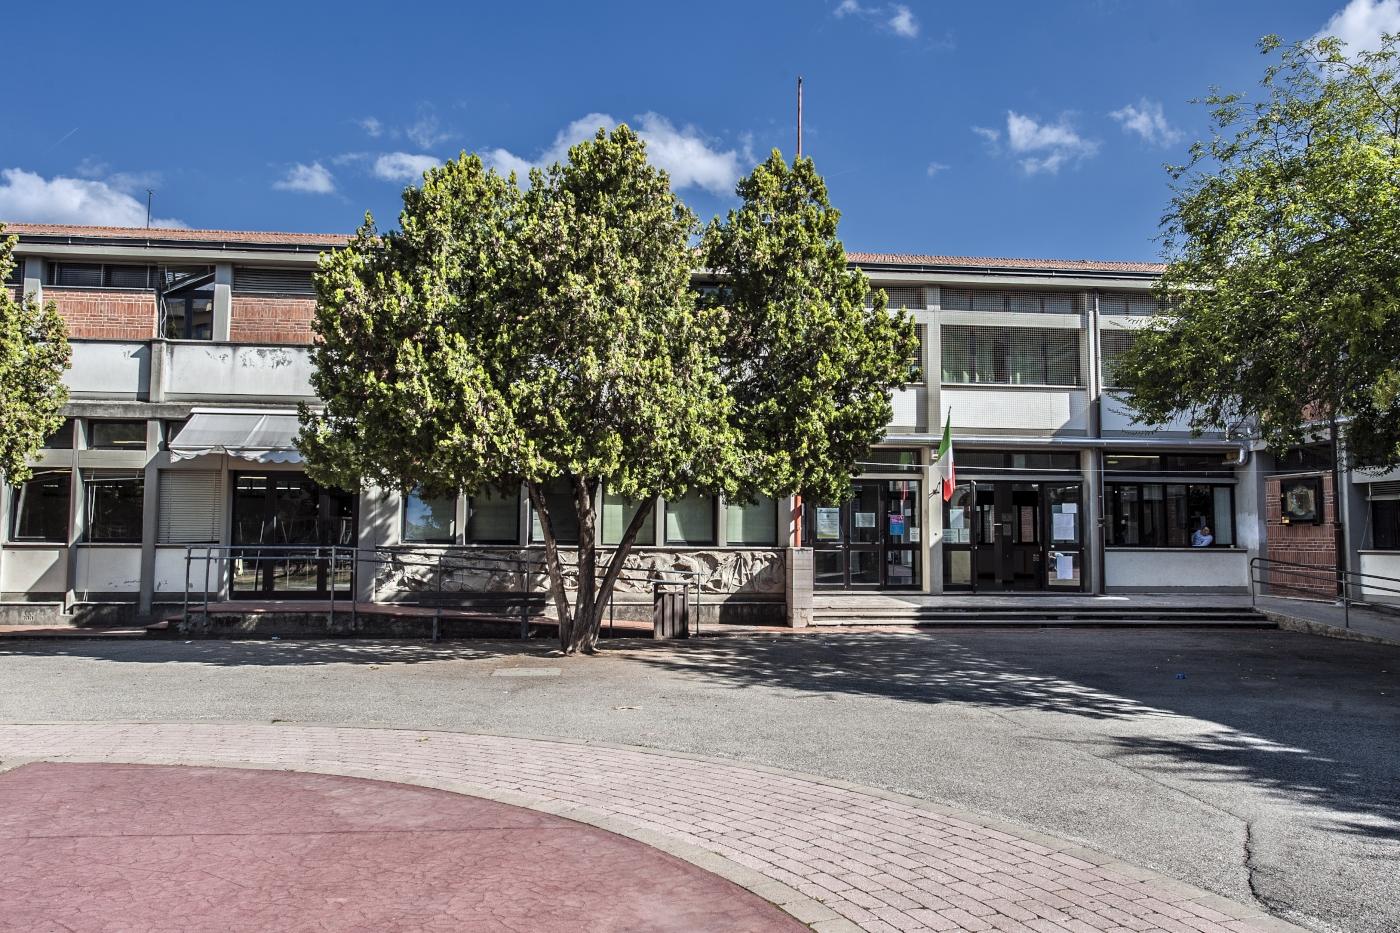 primaria-capoluogo-via-leonardo-da-vincii-2014